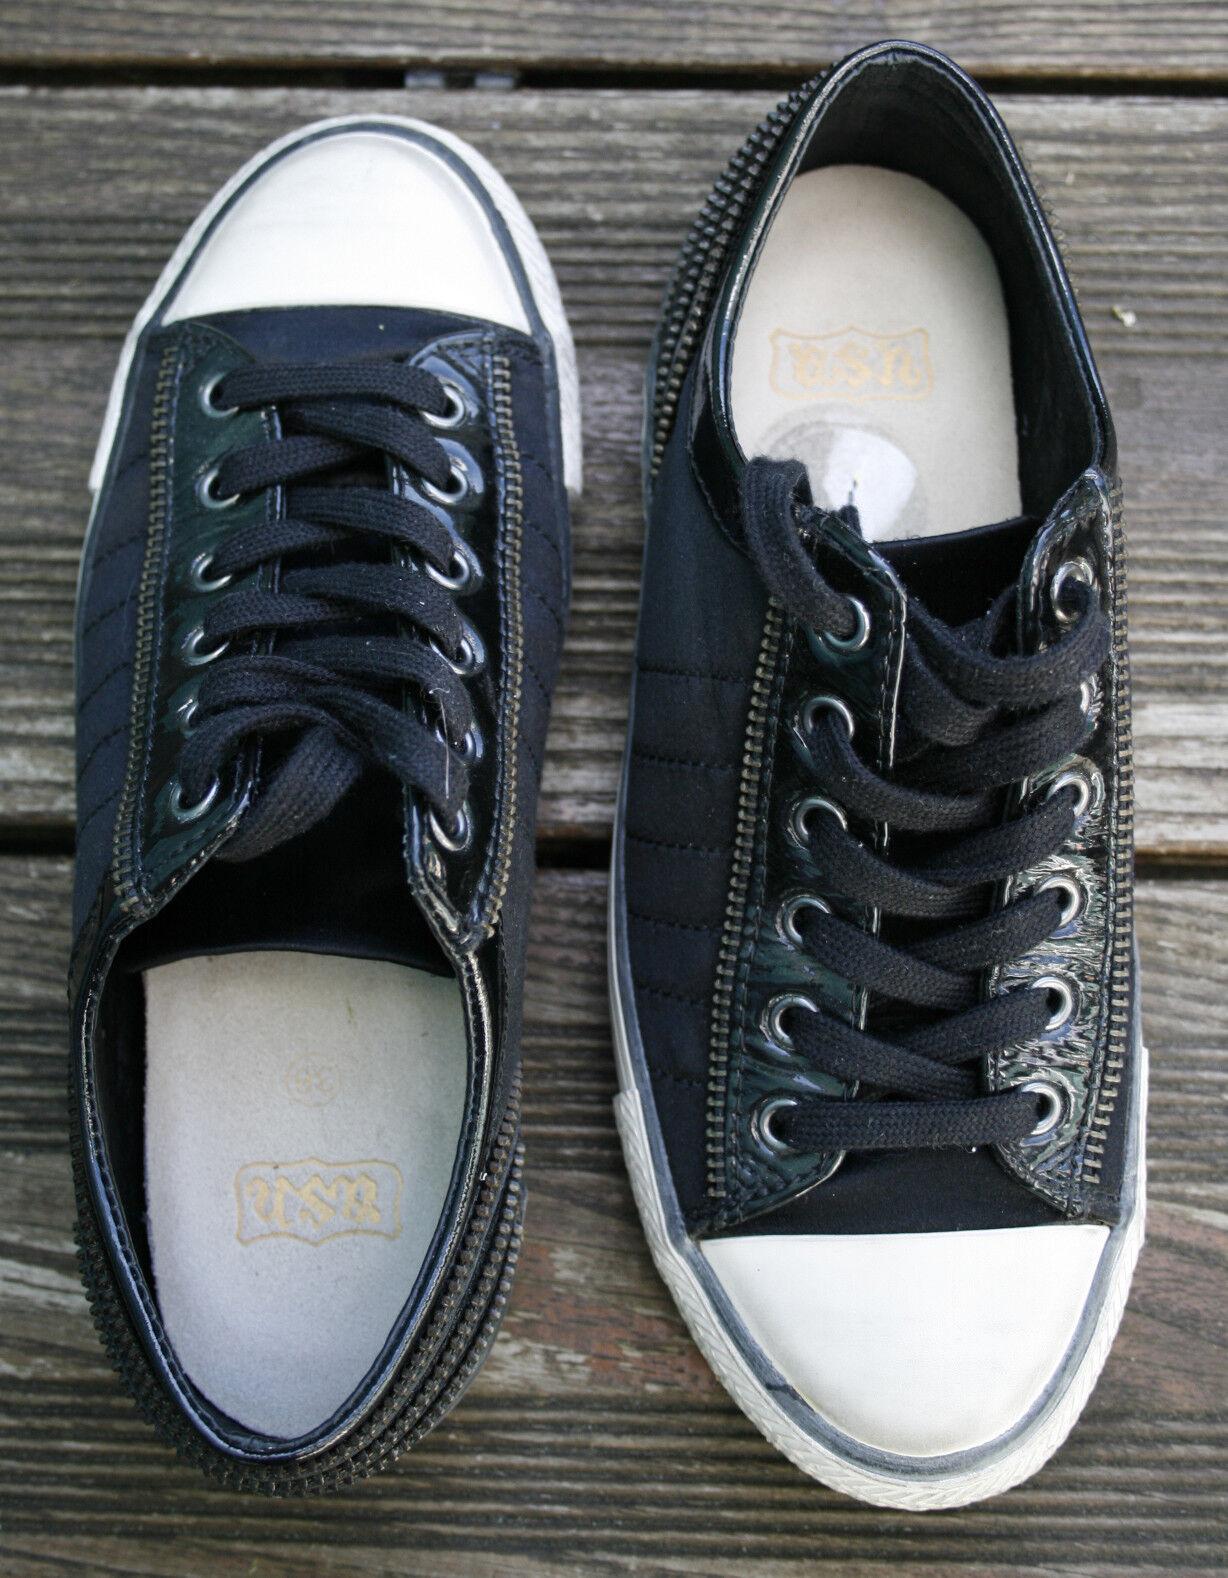 LUXUS  ASH Trend Sneaker 36 Satin Reißverschluss schwarz Blogger Blogger Blogger Wiesn Dirndl 30e3b9